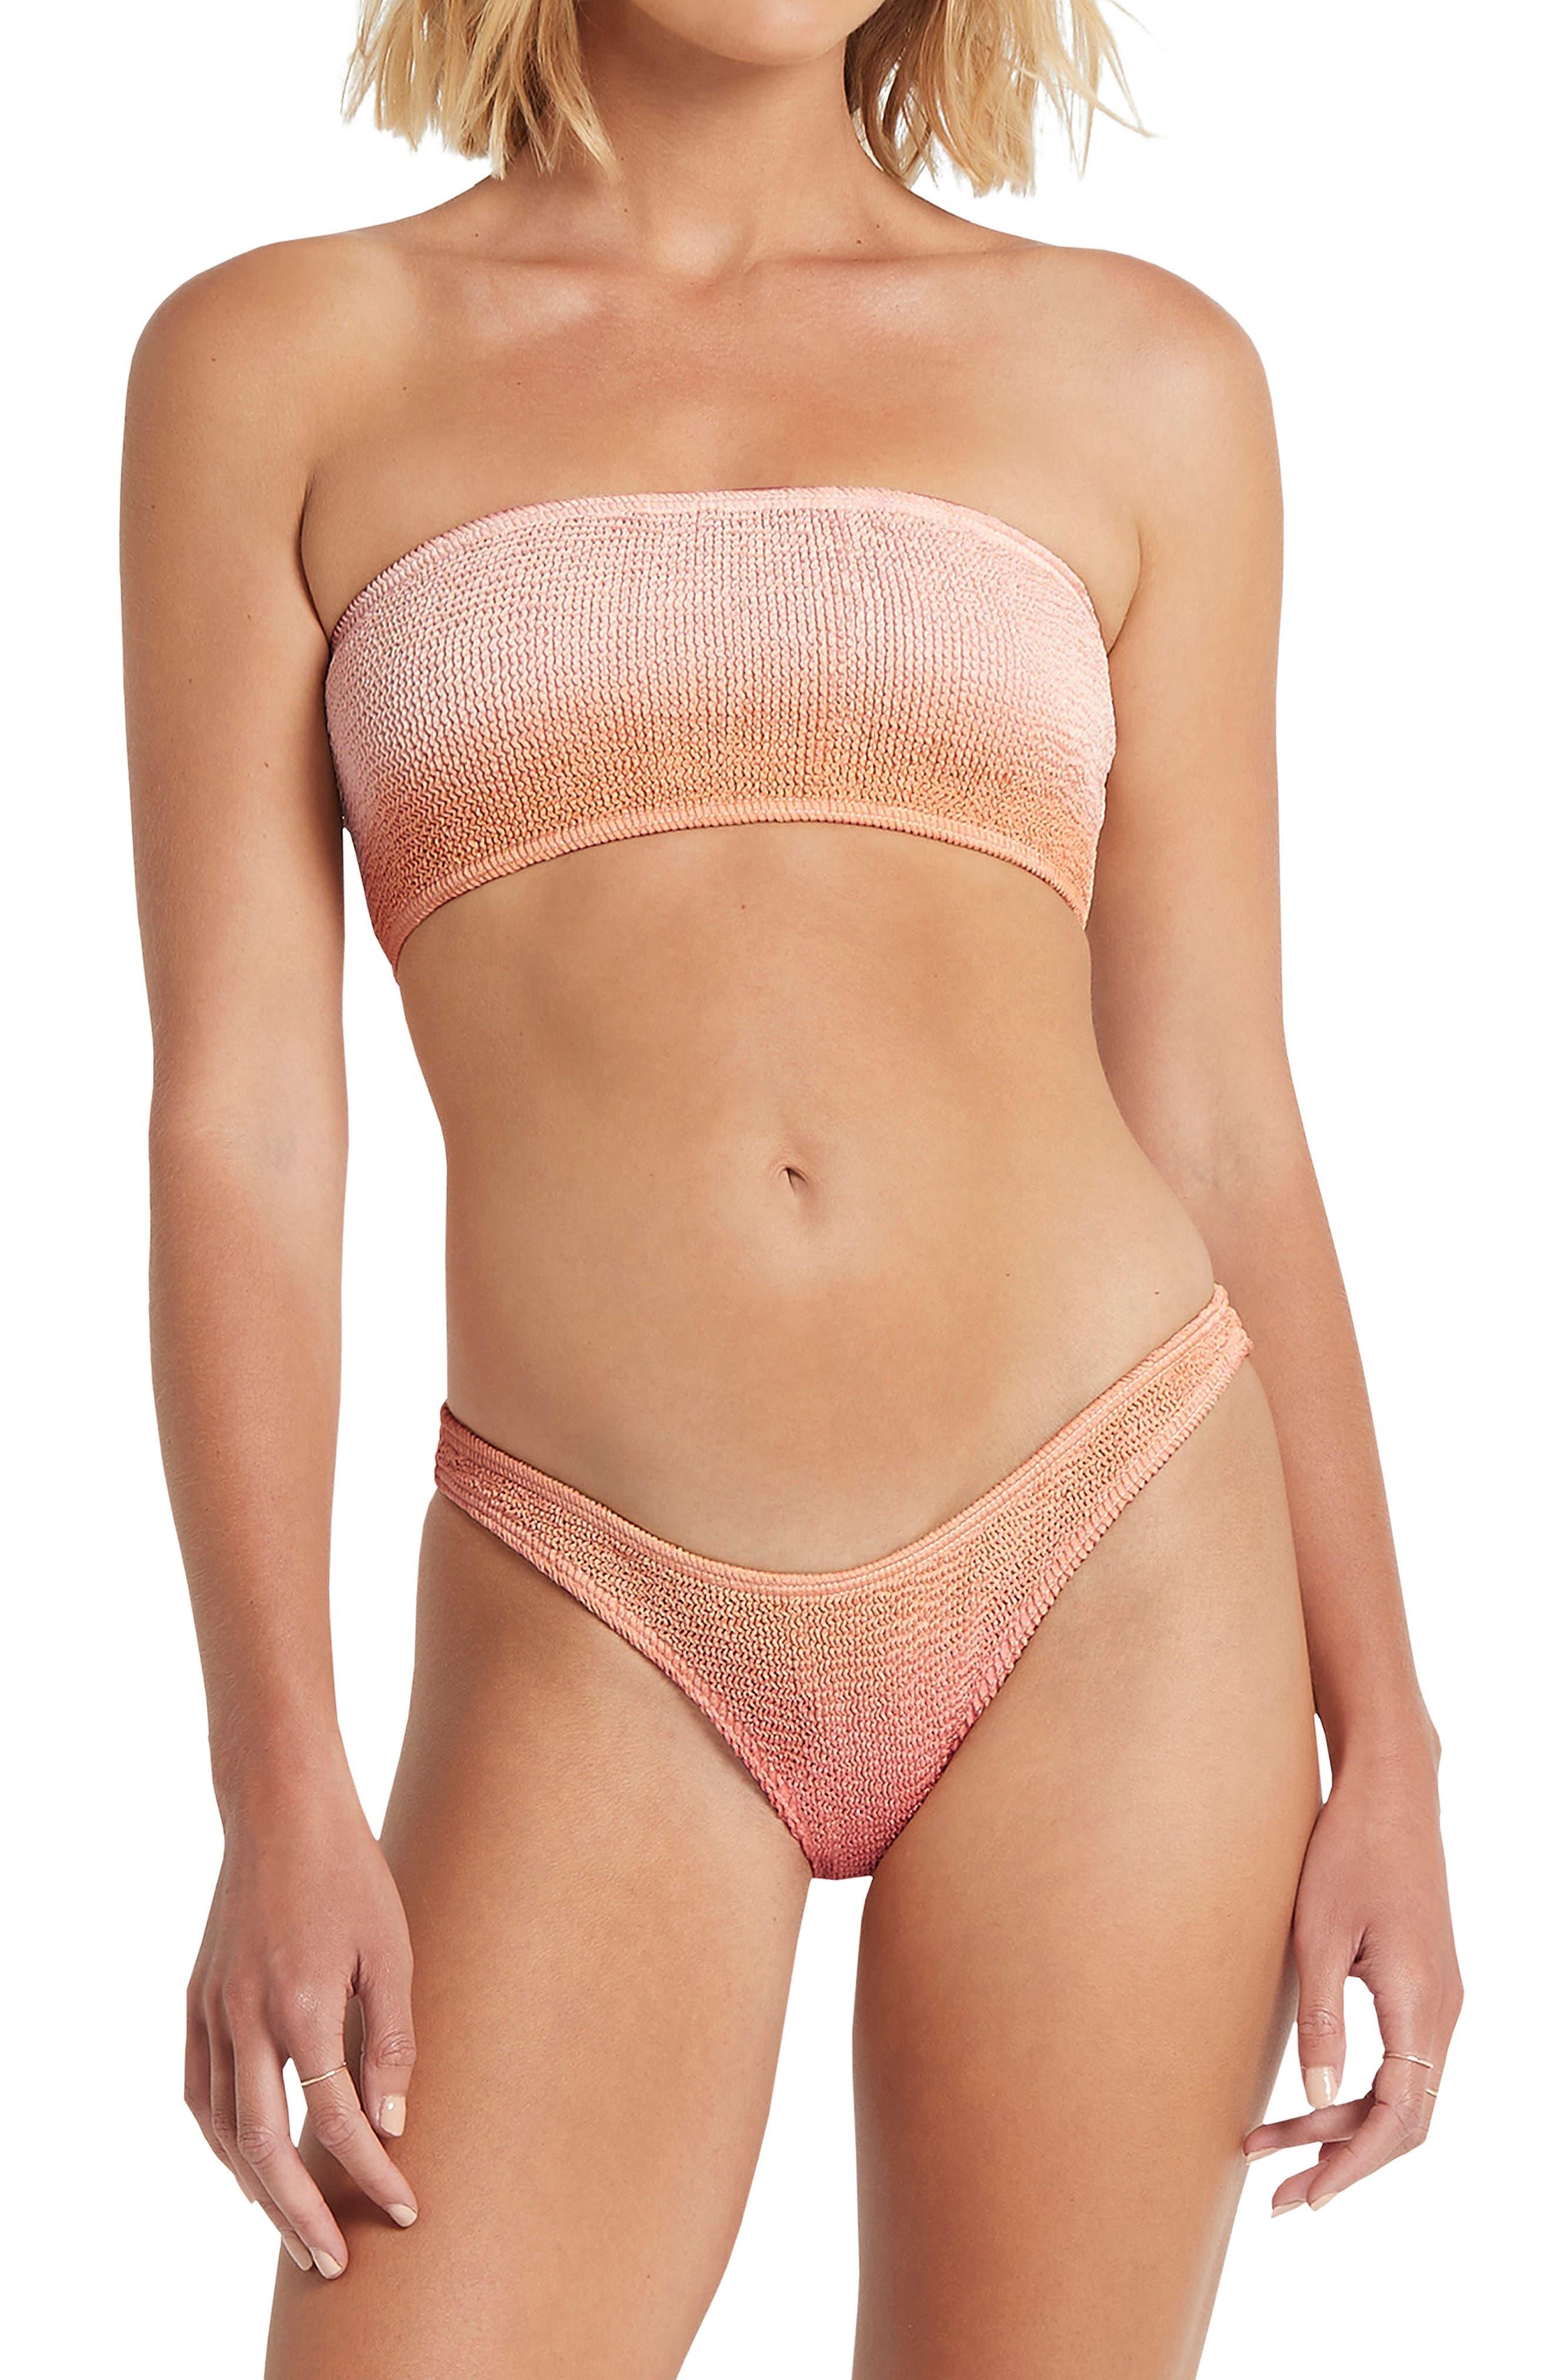 The Sierra Bandeau Bikini Top